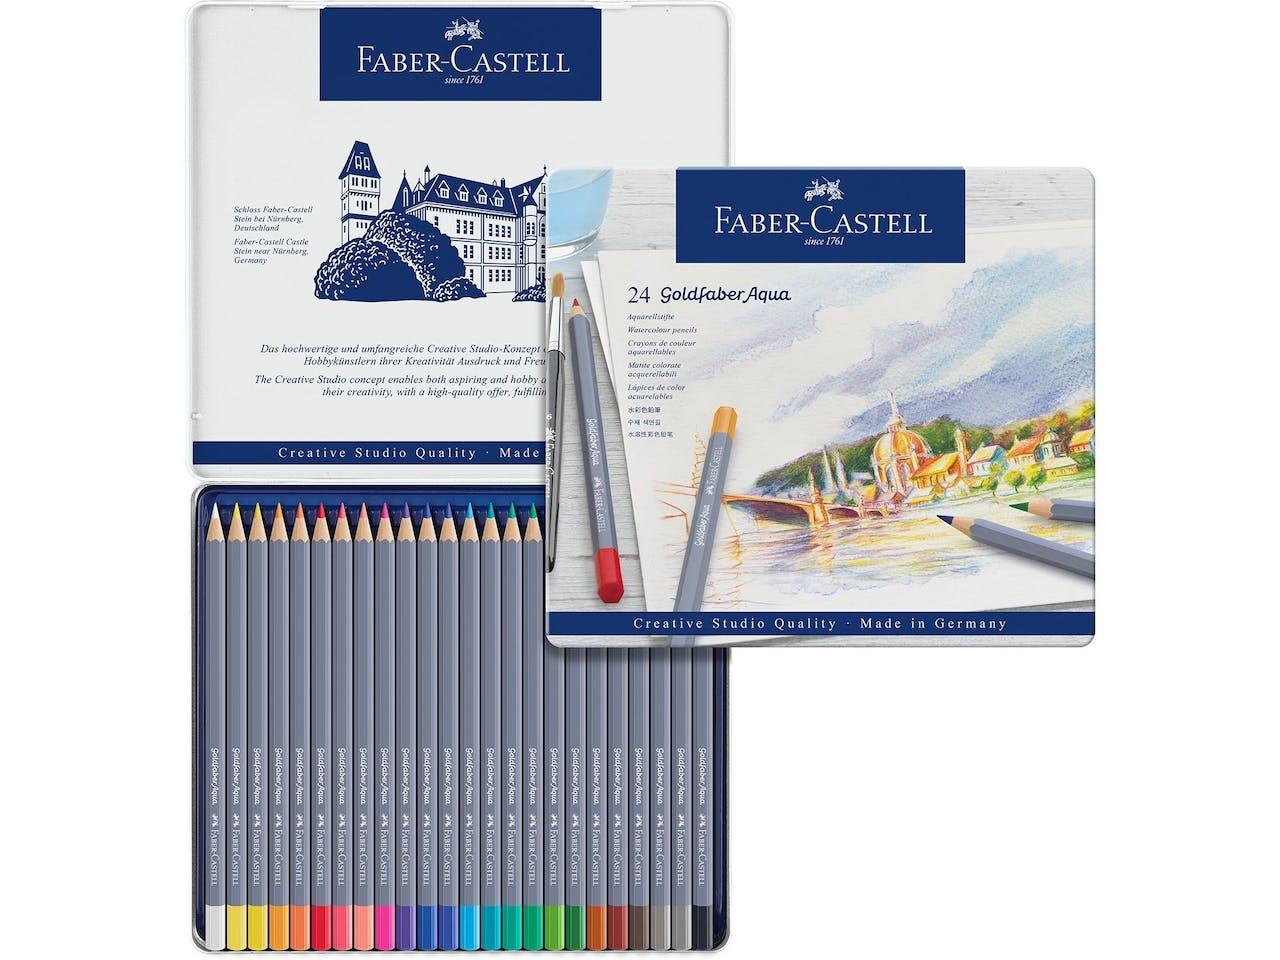 Faber-Castell Aquarellstifte Goldfaber, 24er-Set, im Metalletui